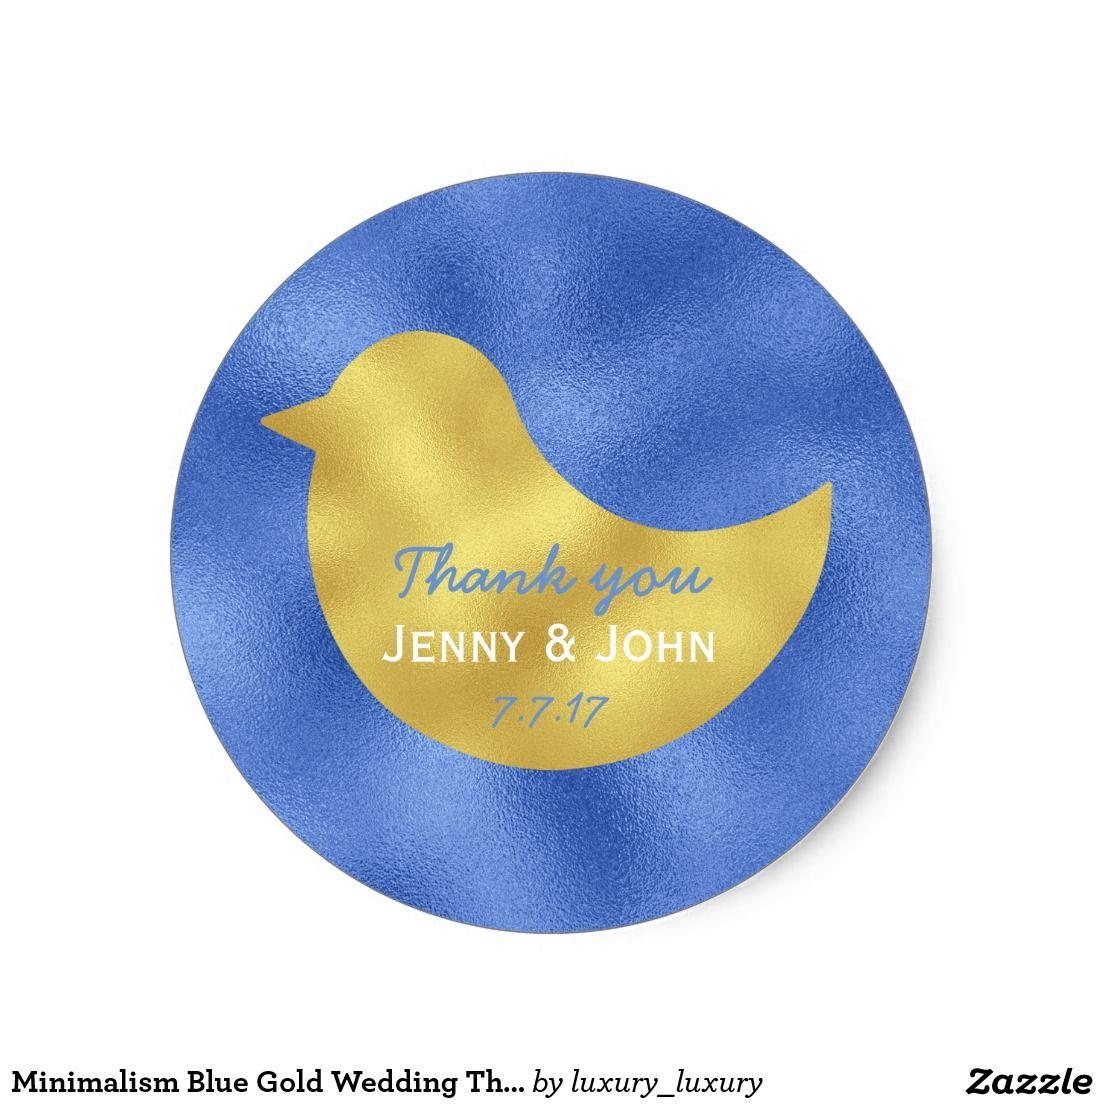 Minimalism Blue Gold Wedding Thank you Round Sticker